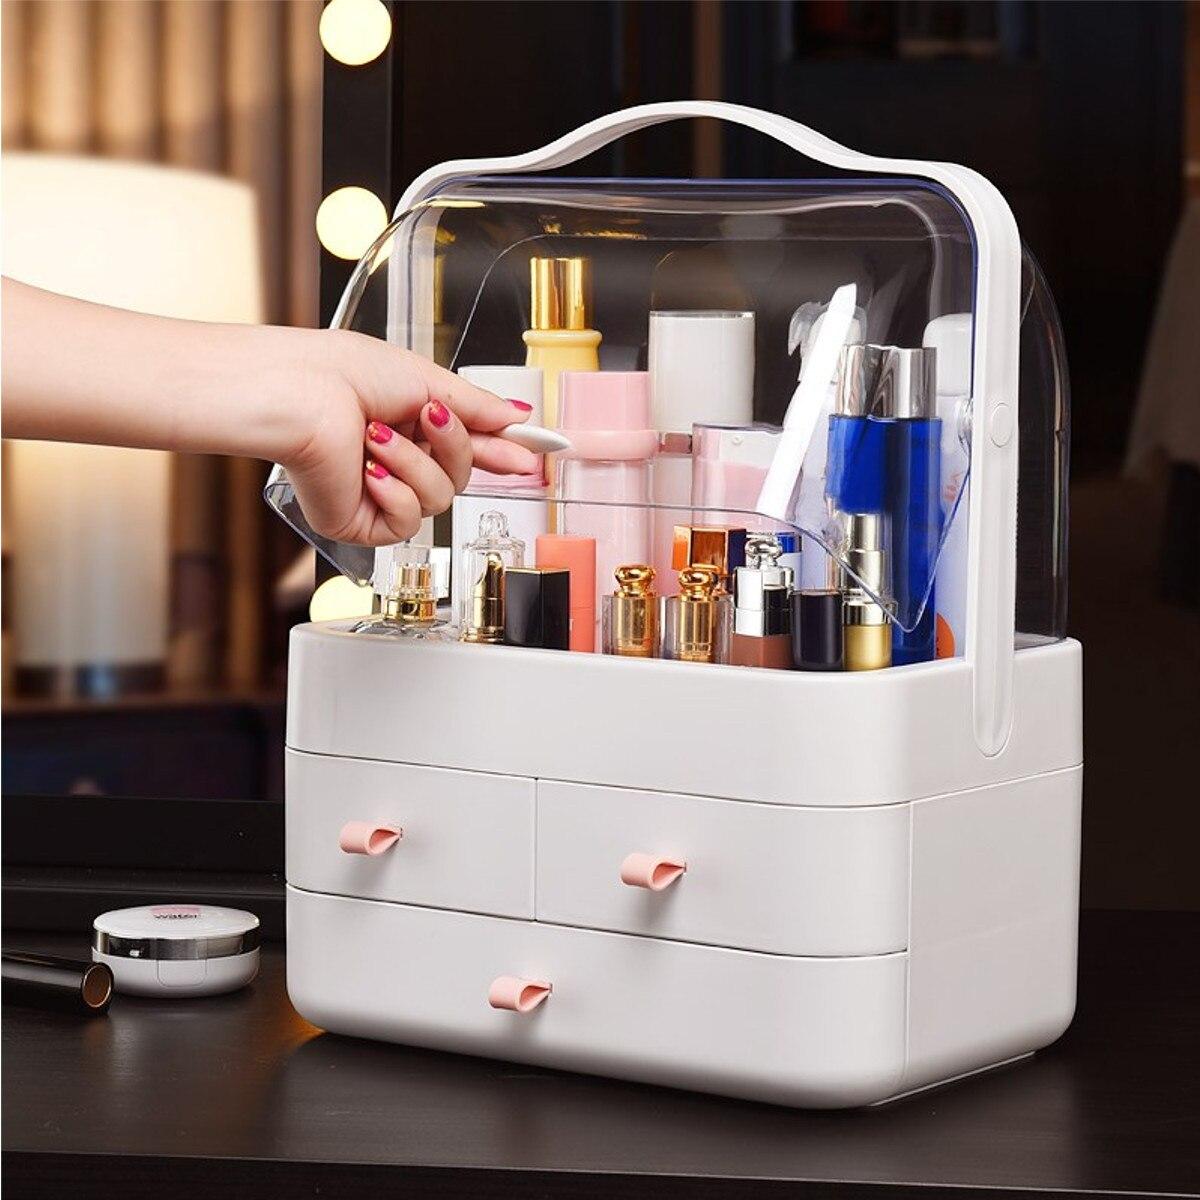 Plastique cosmétique tiroir boîte de rangement étui maquillage boîte organisateur rouge à lèvres produits de soins de la peau bureau divers salle de bains mallette de rangement